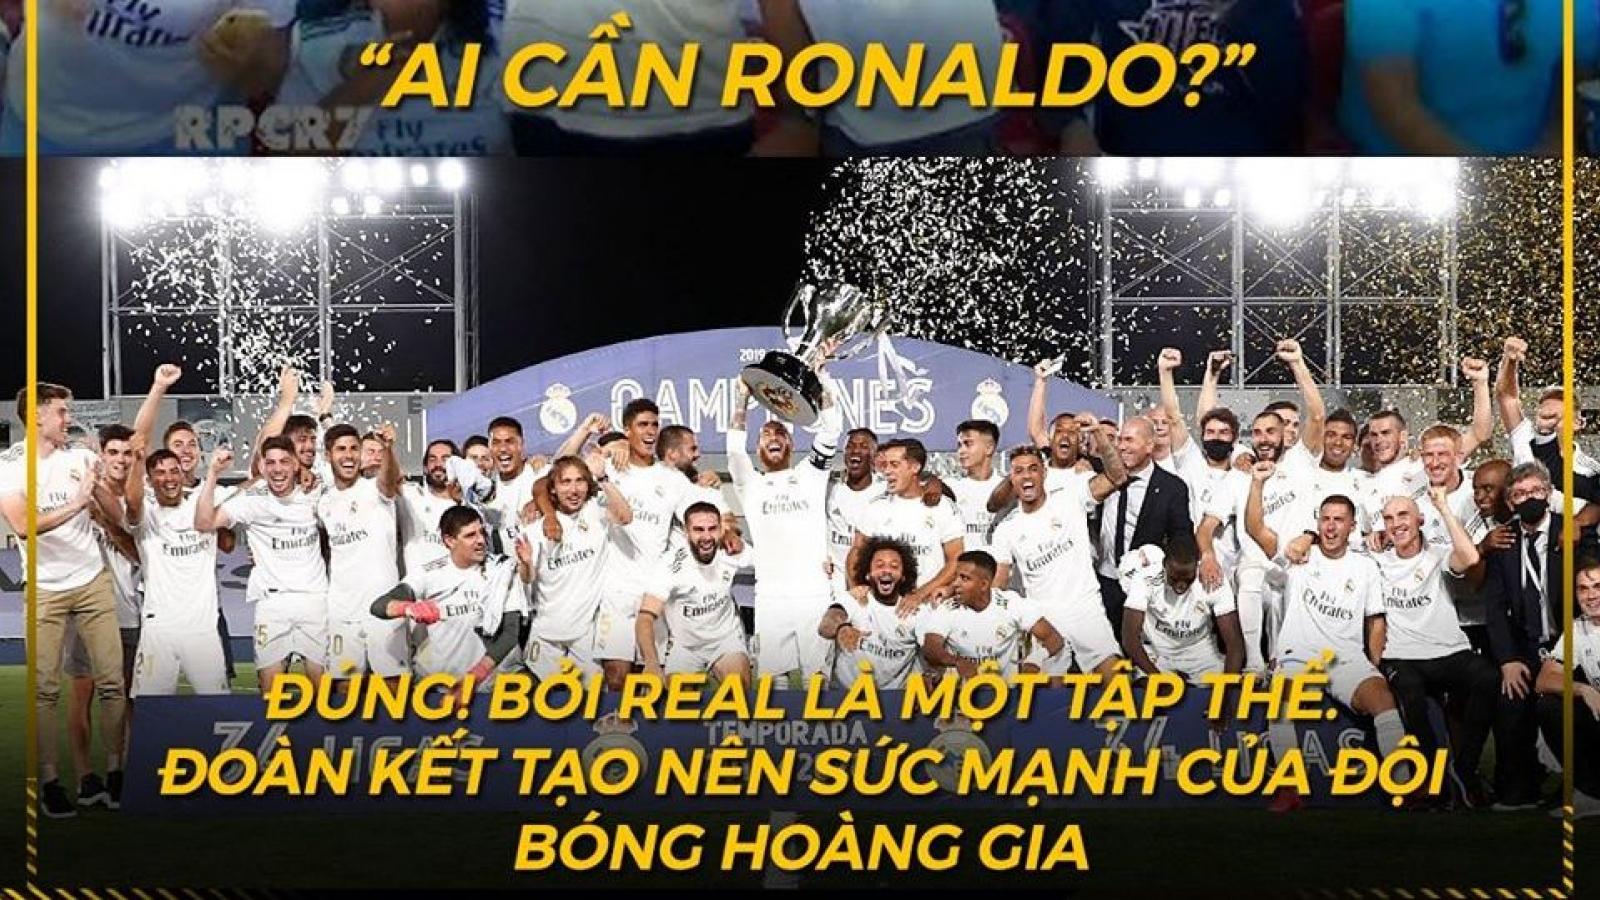 Biếm họa 24h: Real Madrid vô địch La Liga đầu tiên khi vắng Ronaldo